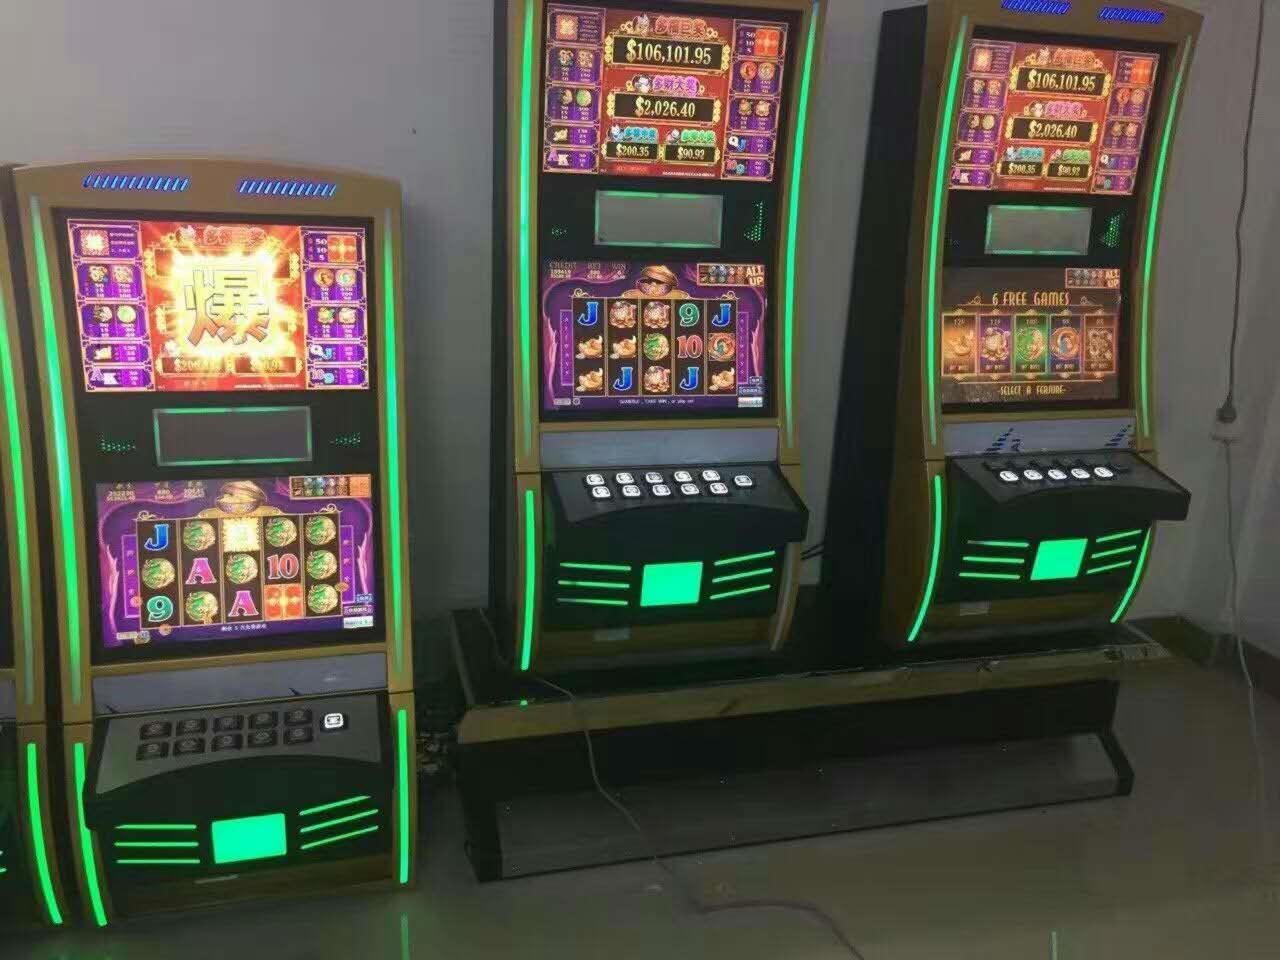 180% โบนัสเงินฝากการแข่งขันที่ Golden Lion Casino